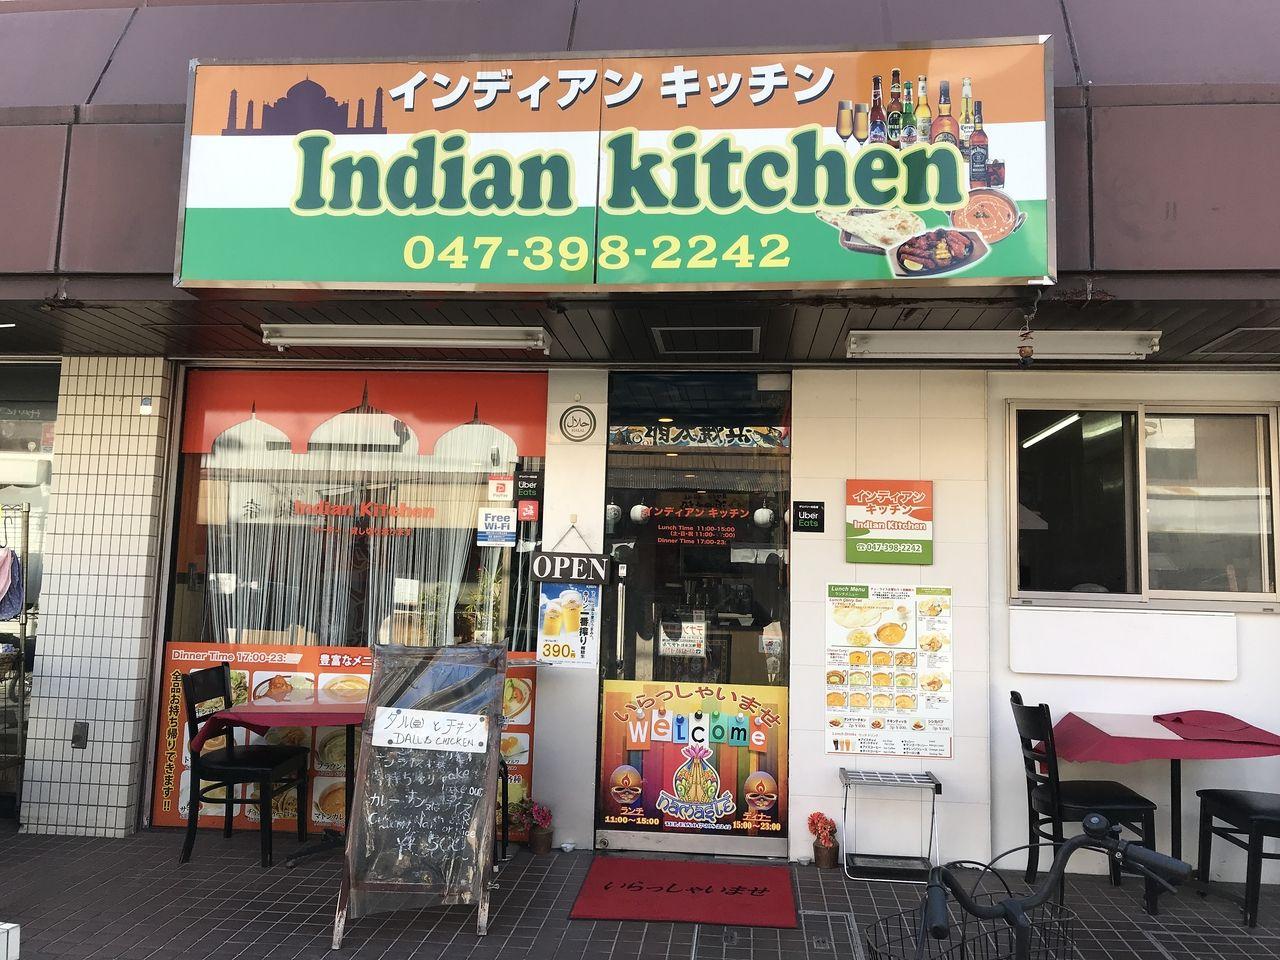 行徳のインディアンキッチンの外観